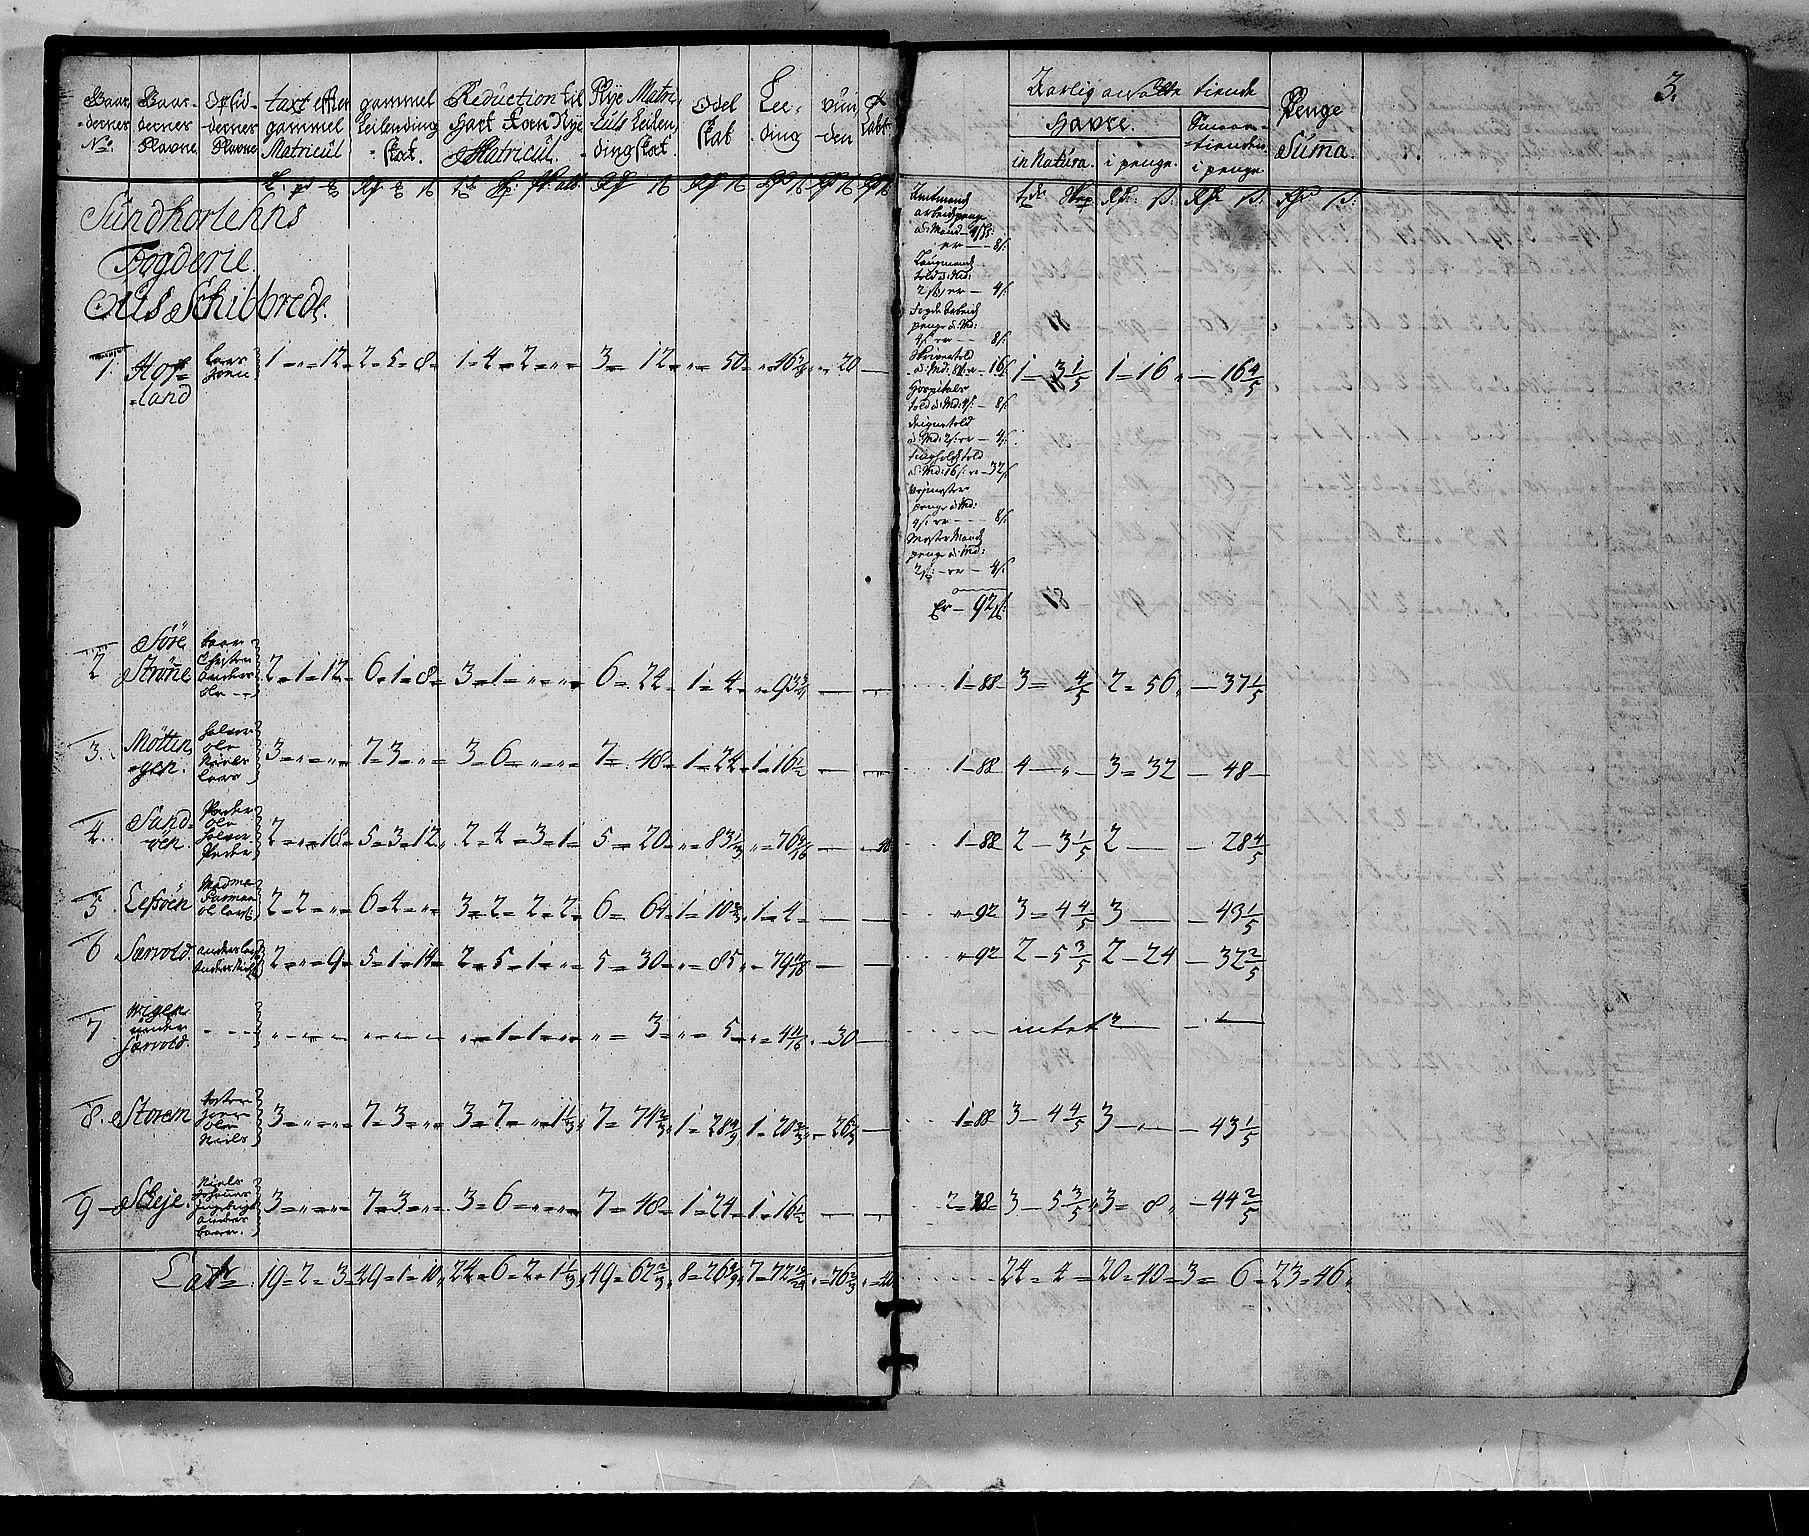 RA, Rentekammeret inntil 1814, Realistisk ordnet avdeling, N/Nb/Nbf/L0135: Sunnhordland matrikkelprotokoll, 1723, s. 2b-3a